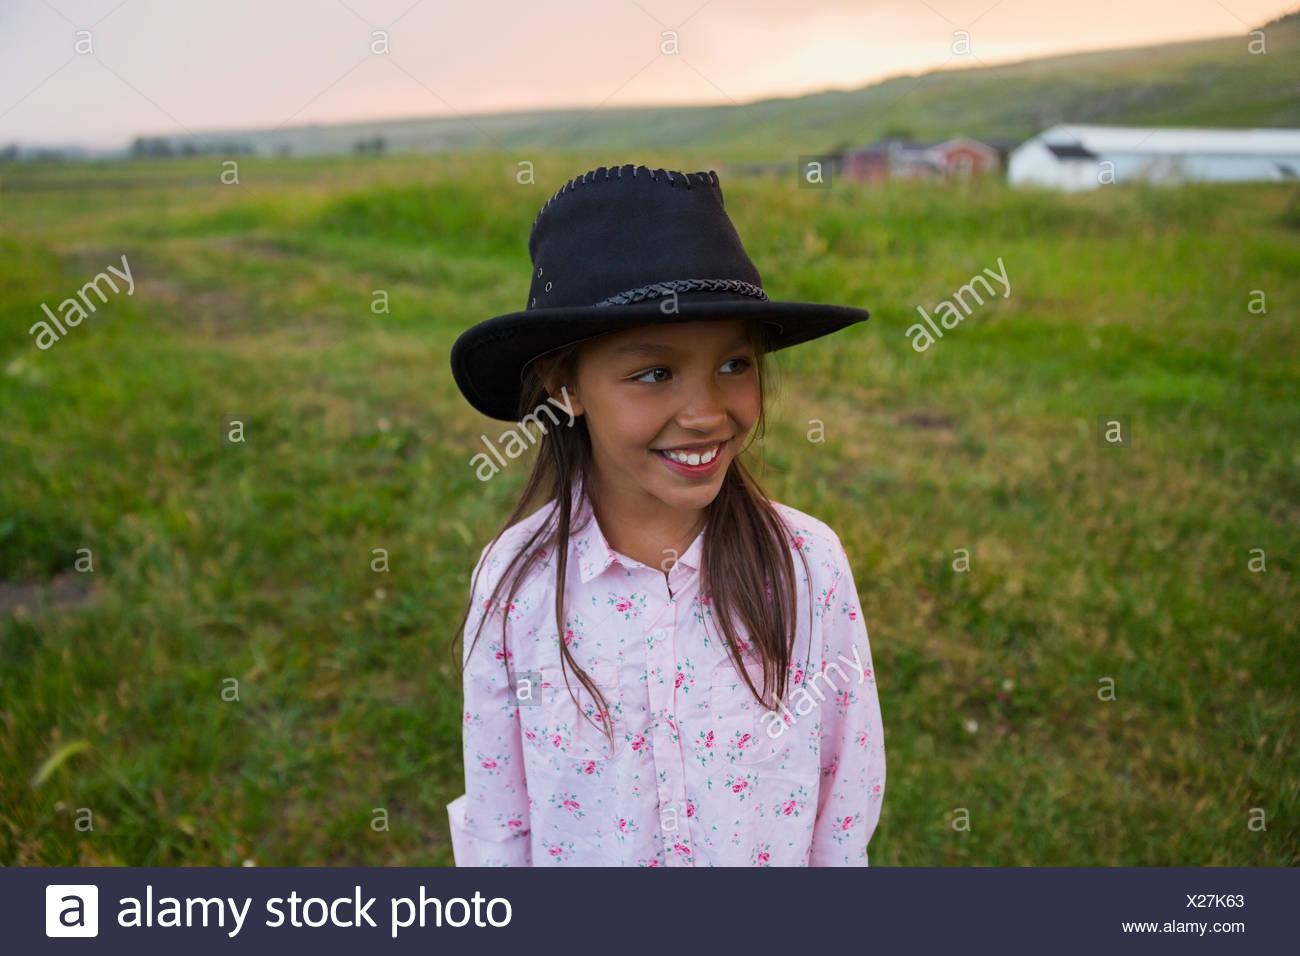 2e46098d03ec8 Black Cowboy Hat Stock Photos   Black Cowboy Hat Stock Images - Alamy